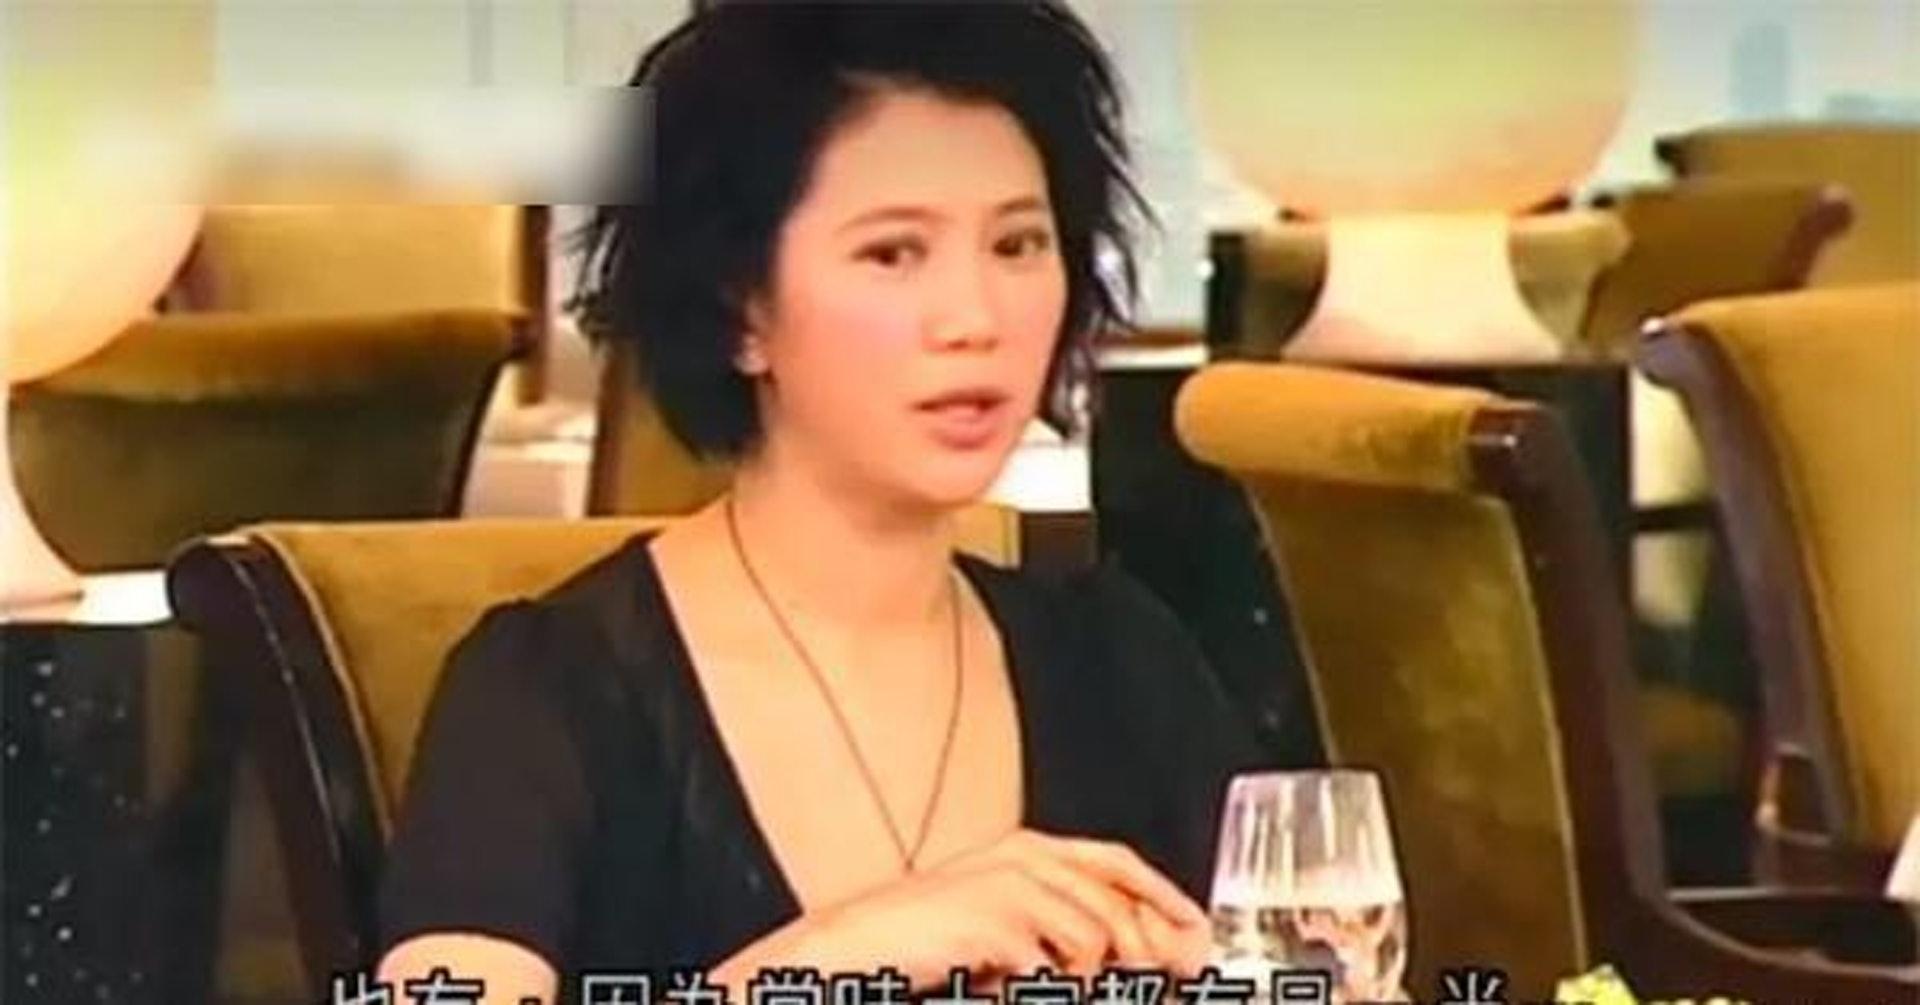 靚靚曾在《志雲飯局》中承認做過小三。(娛樂有點閒微博圖片)